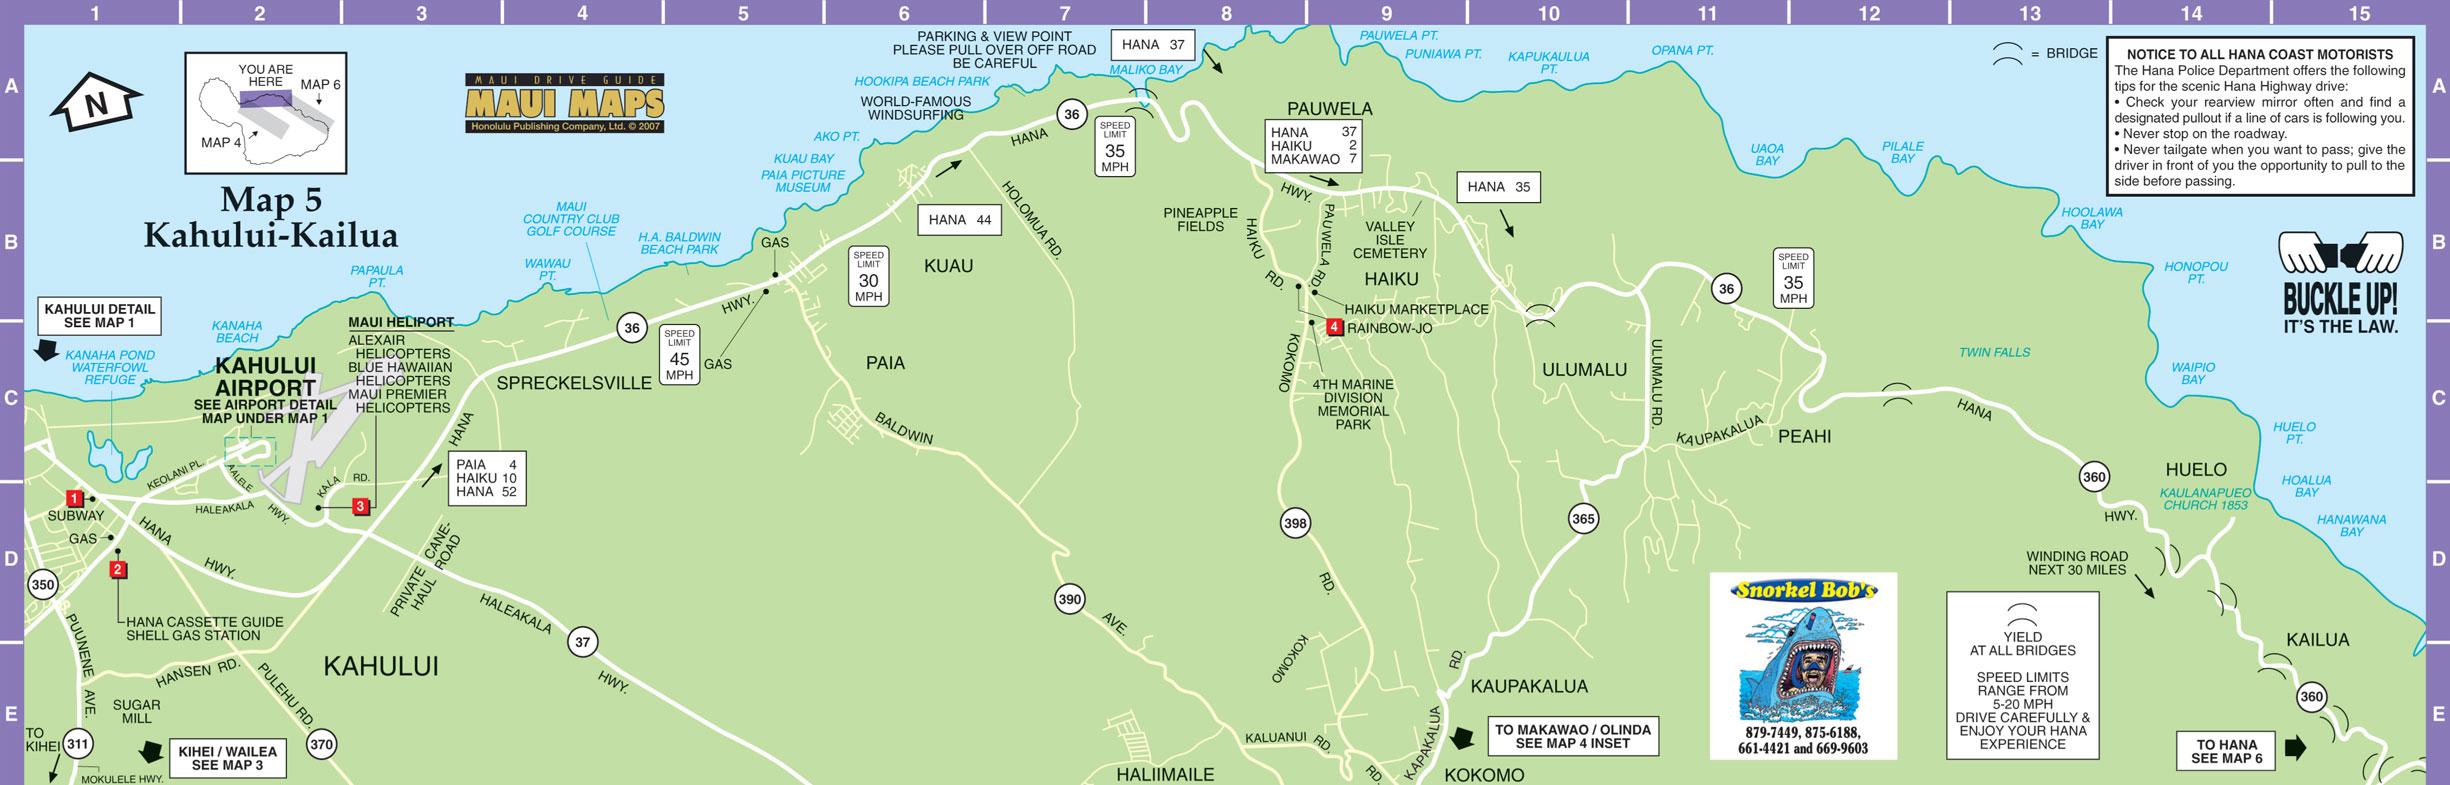 Maui and the Road to Hana